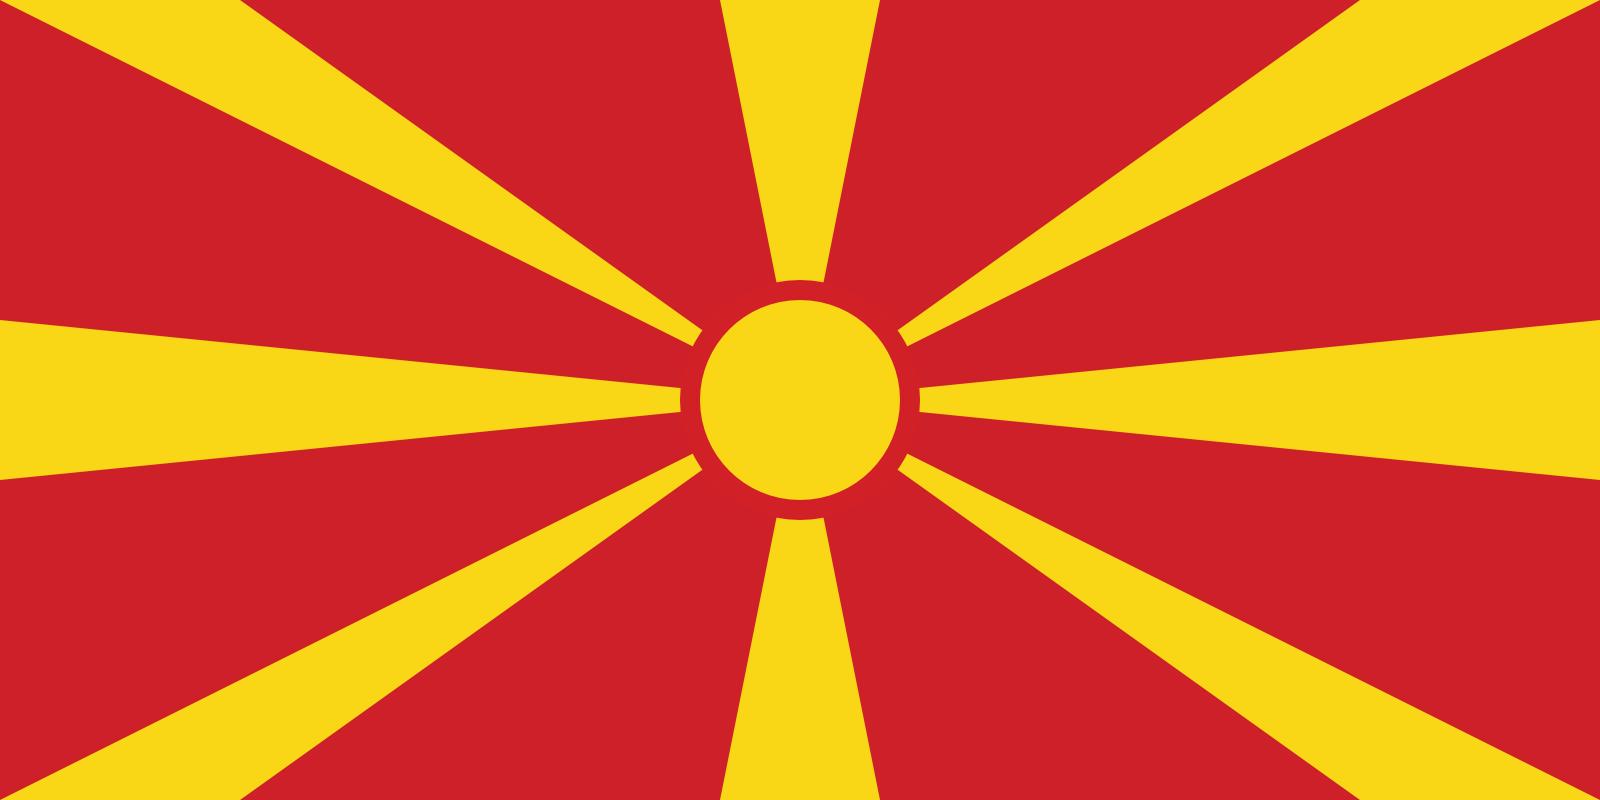 imagenes de banderas hd146 200 Imágenes de Banderas en HD (Wallpapers)